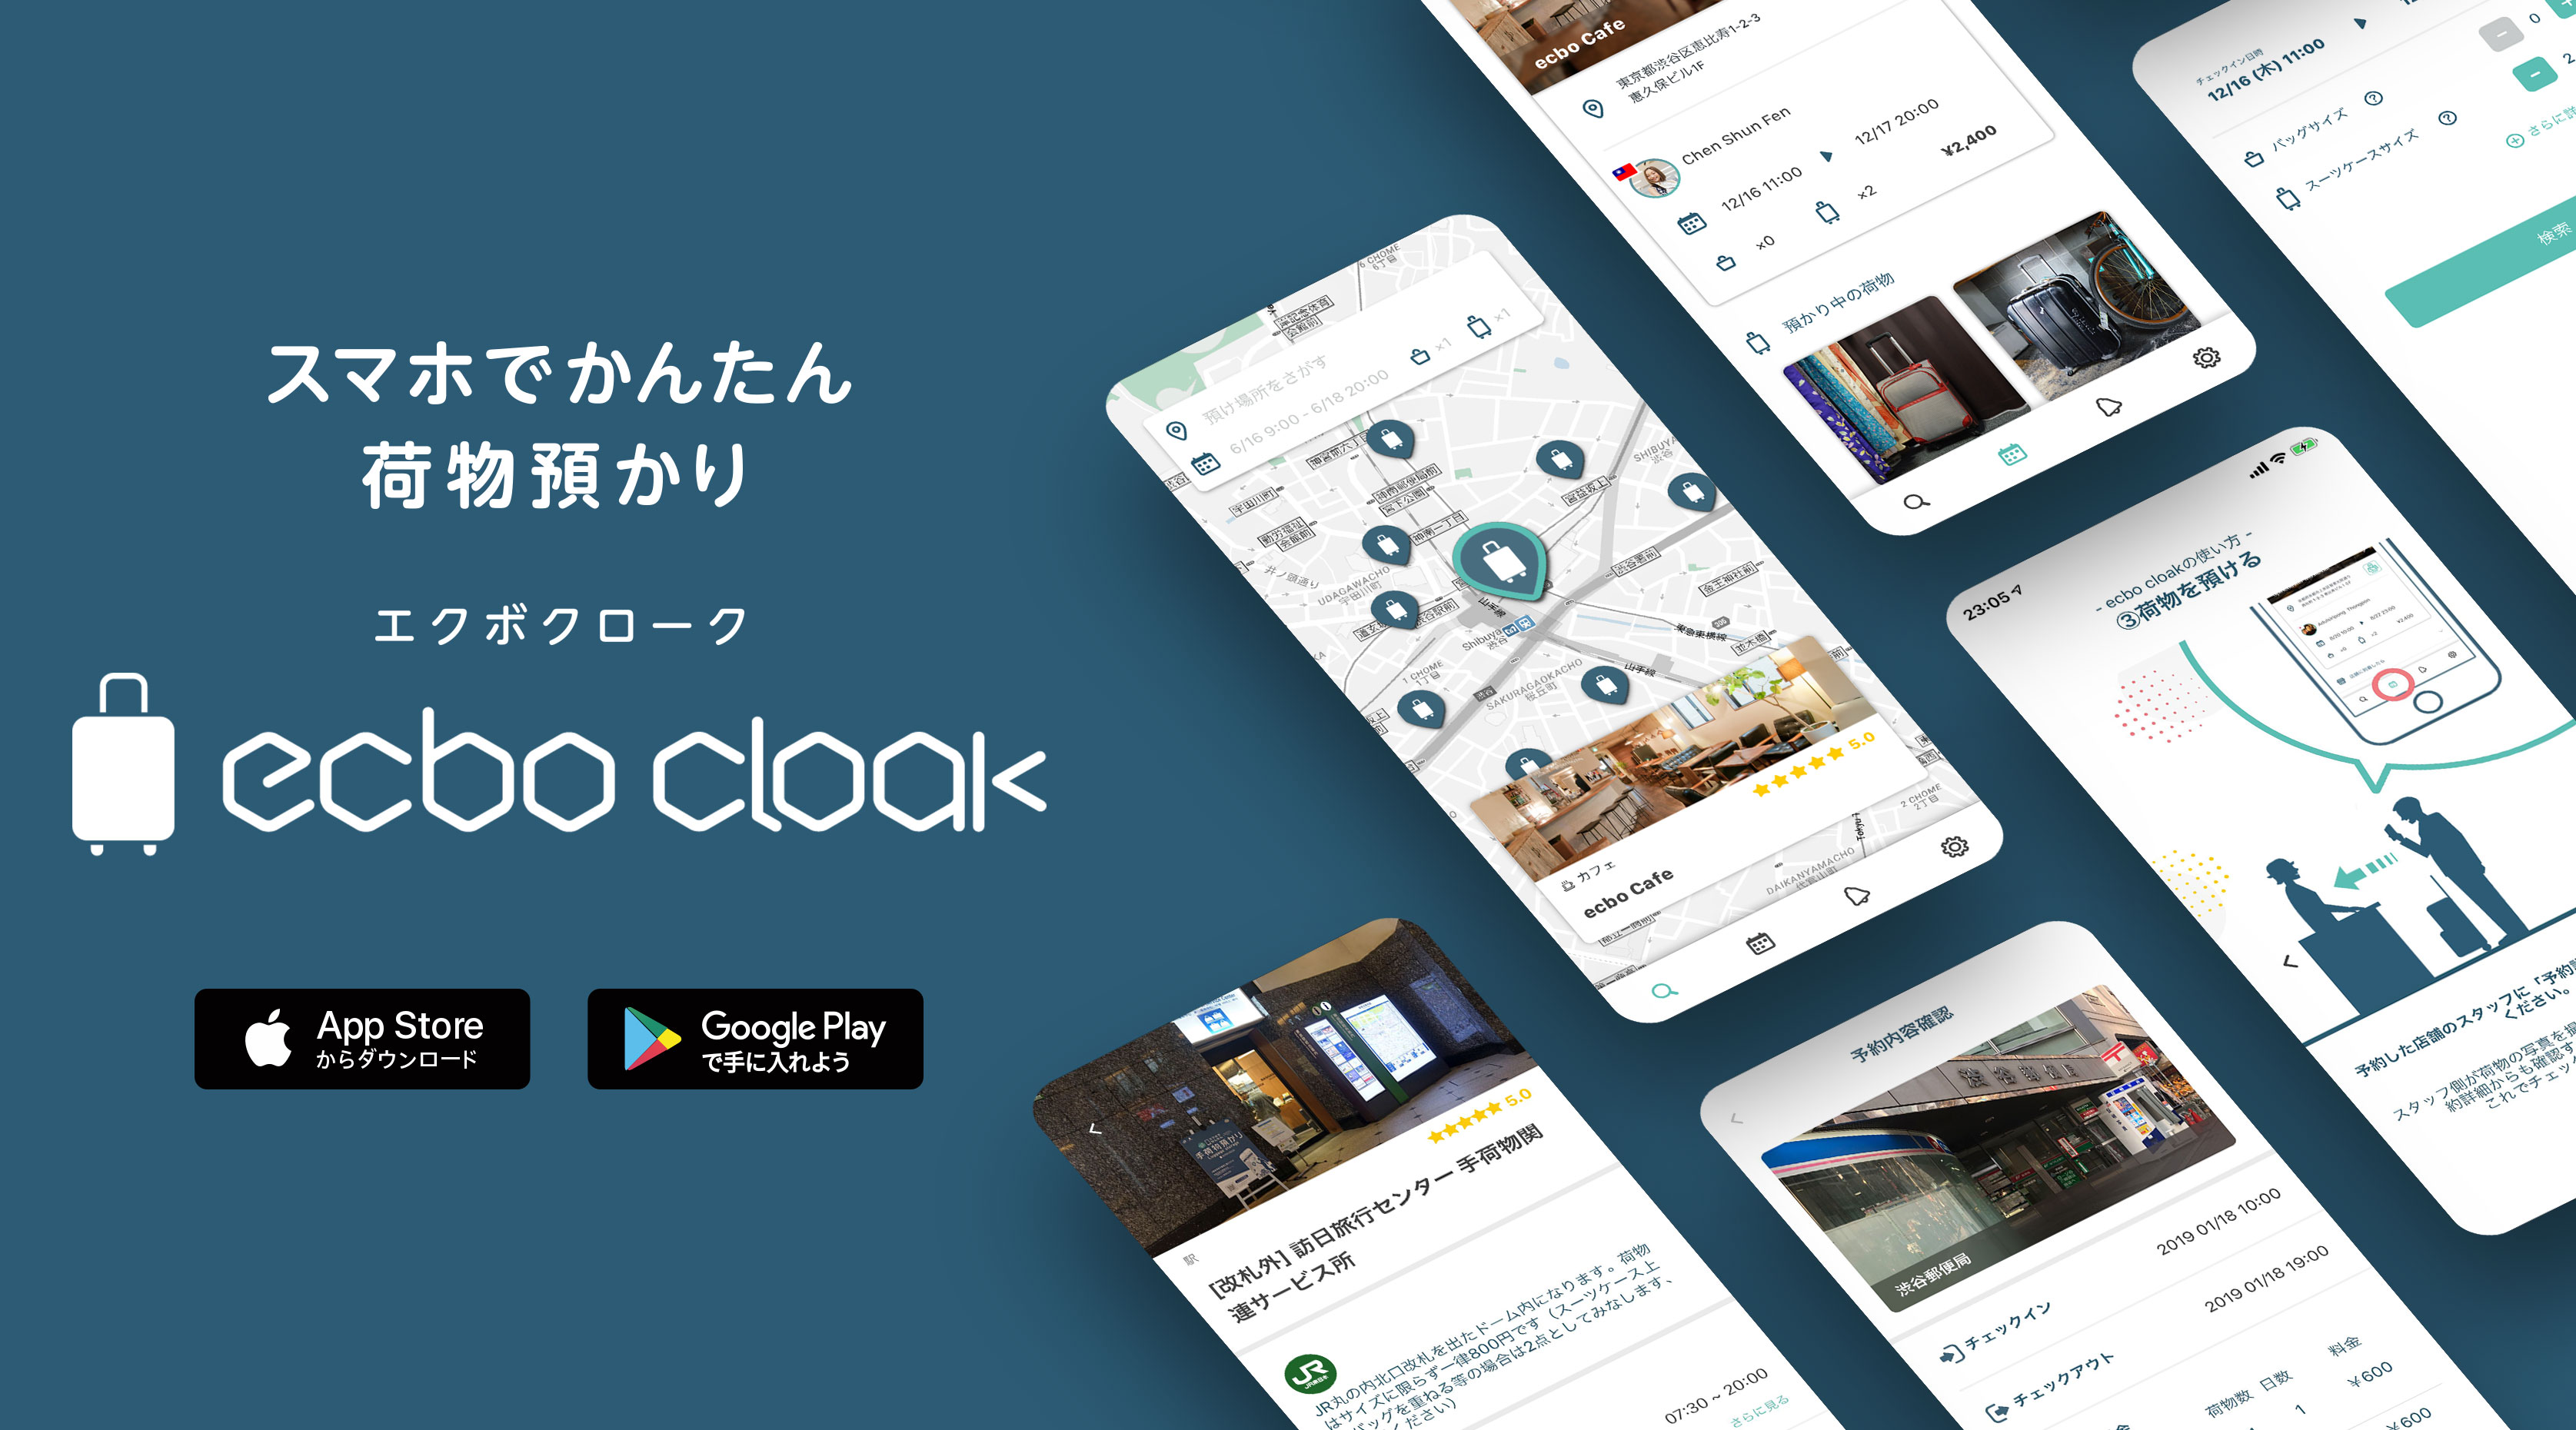 もう悩まない!名古屋駅にあるコインロッカー・手荷物を預かりサービスまとめ - 44600140 0 app image